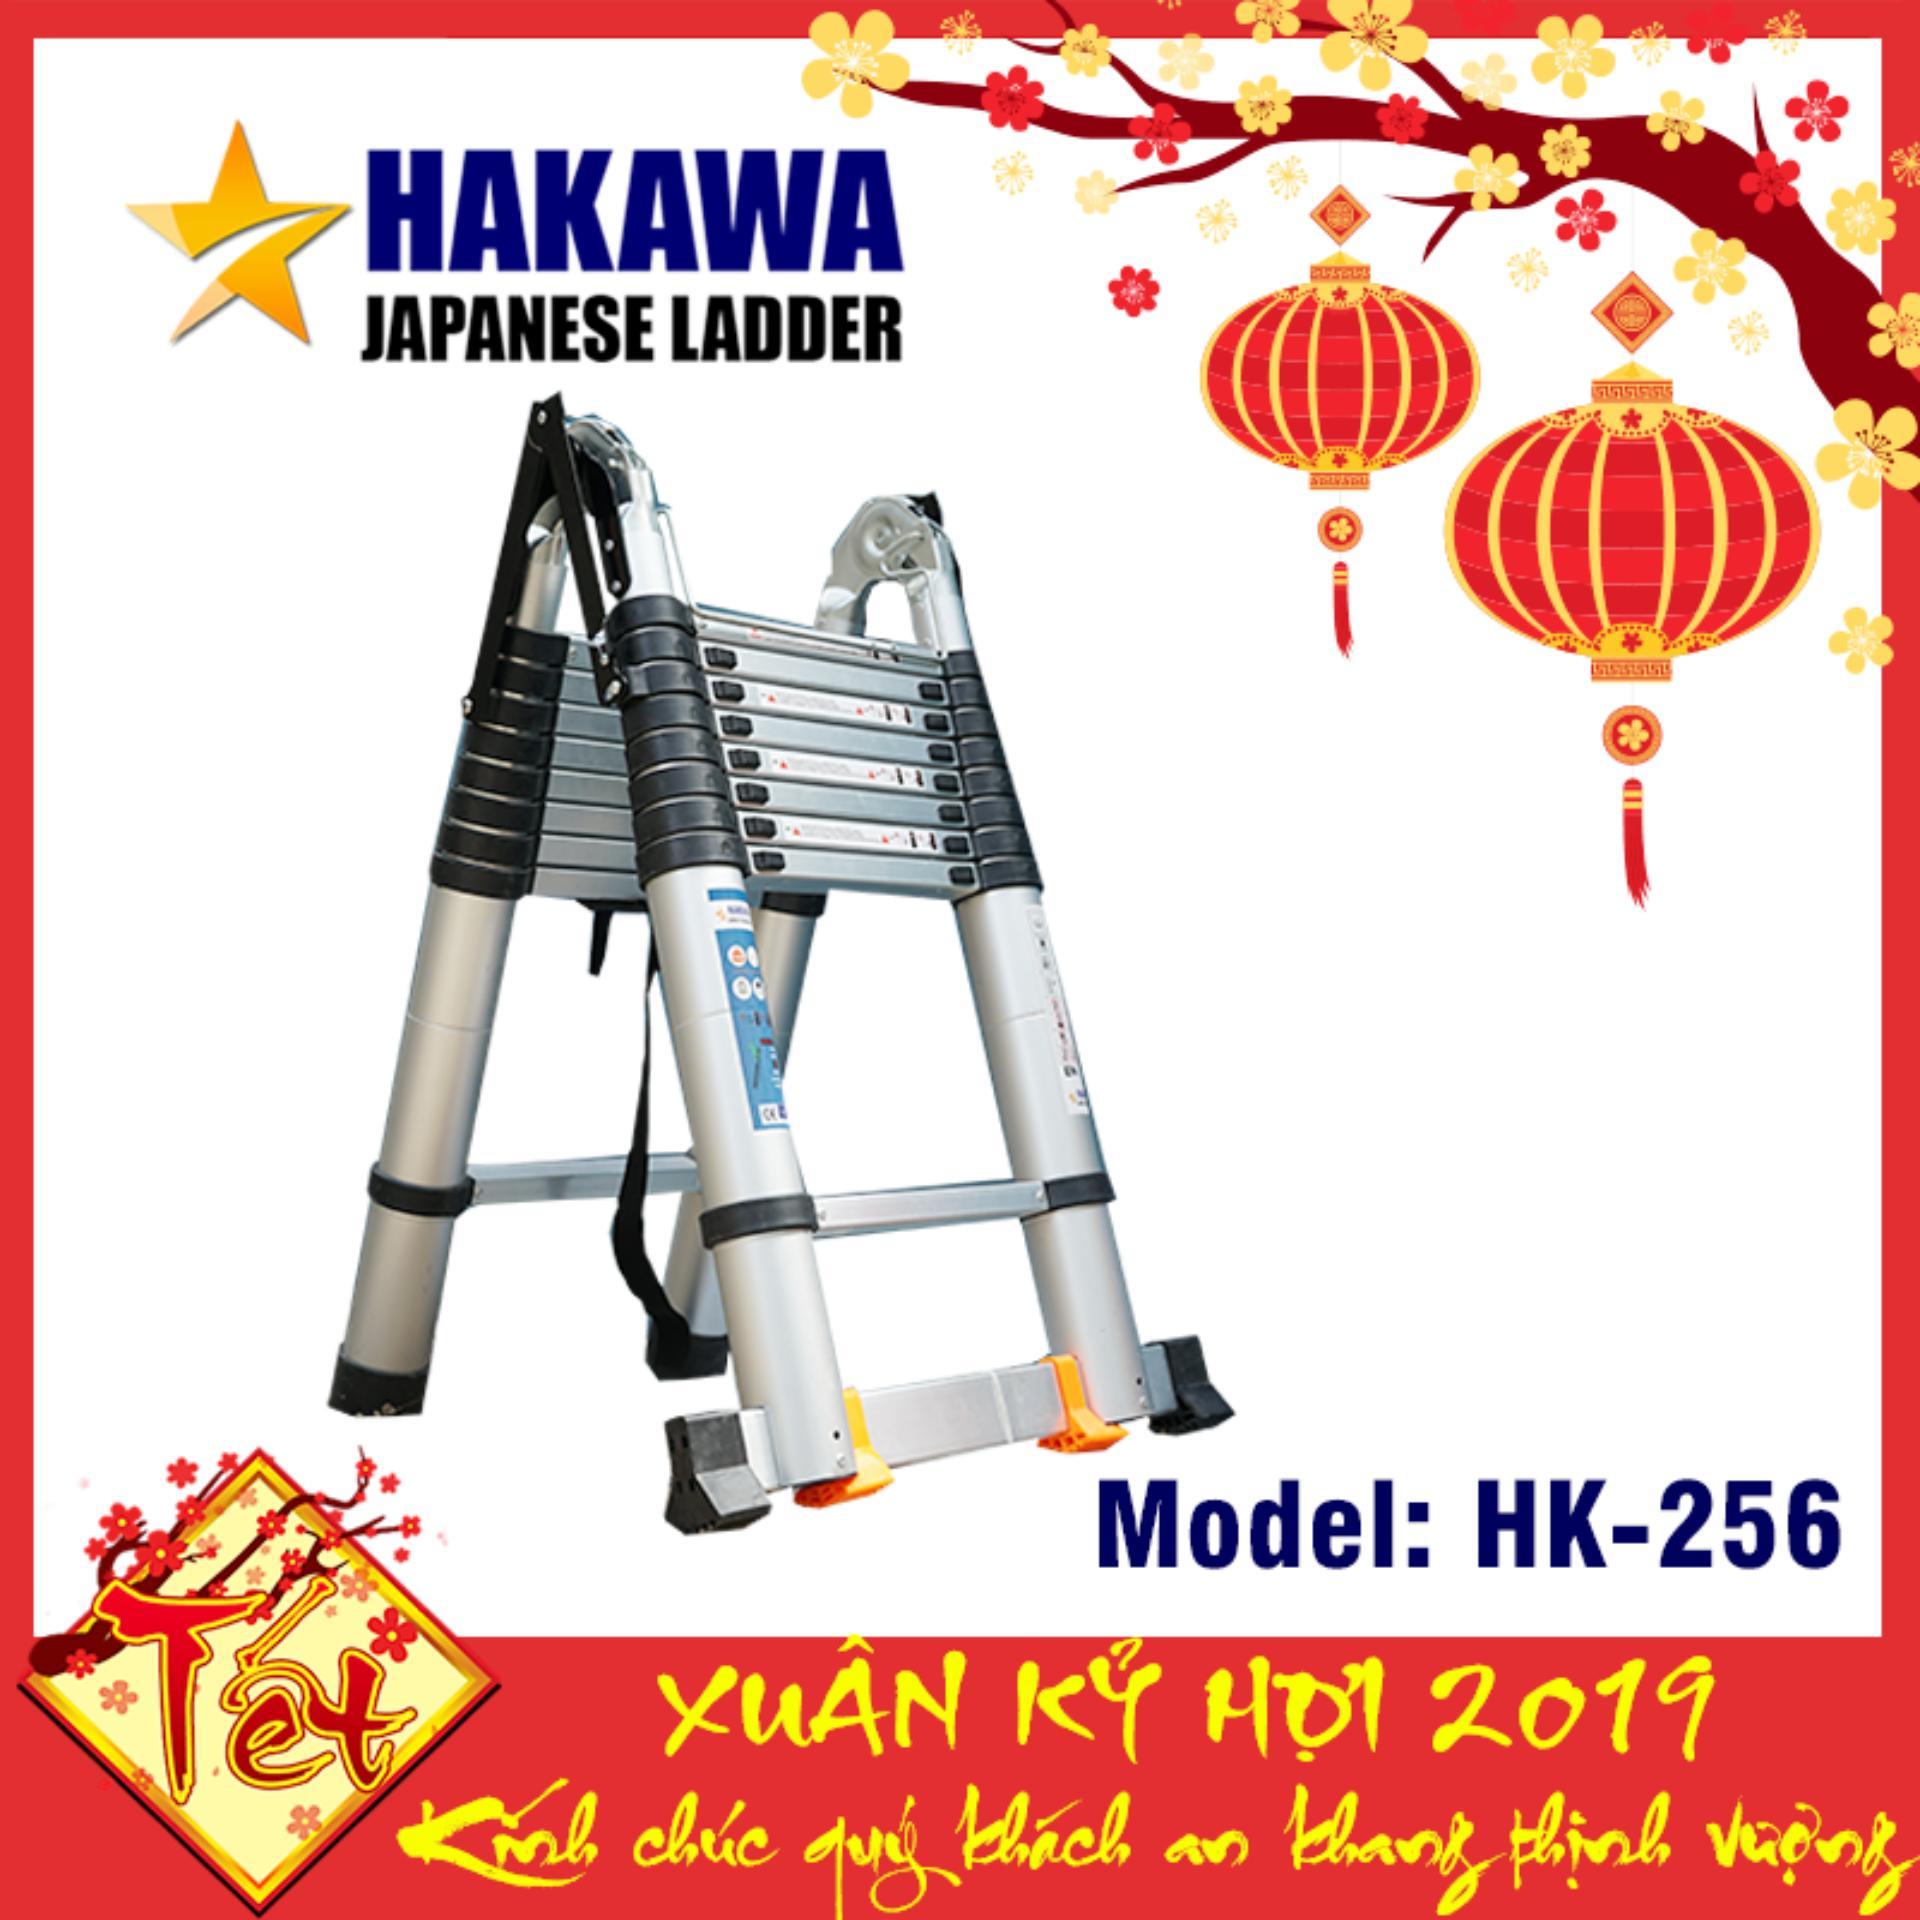 [HAKAWA] Thang nhôm rút chữ a HAKAWA NHẬT BẢN HK256 5m6 - Xếp gọn tiện lợi , dễ dàng di chuyển